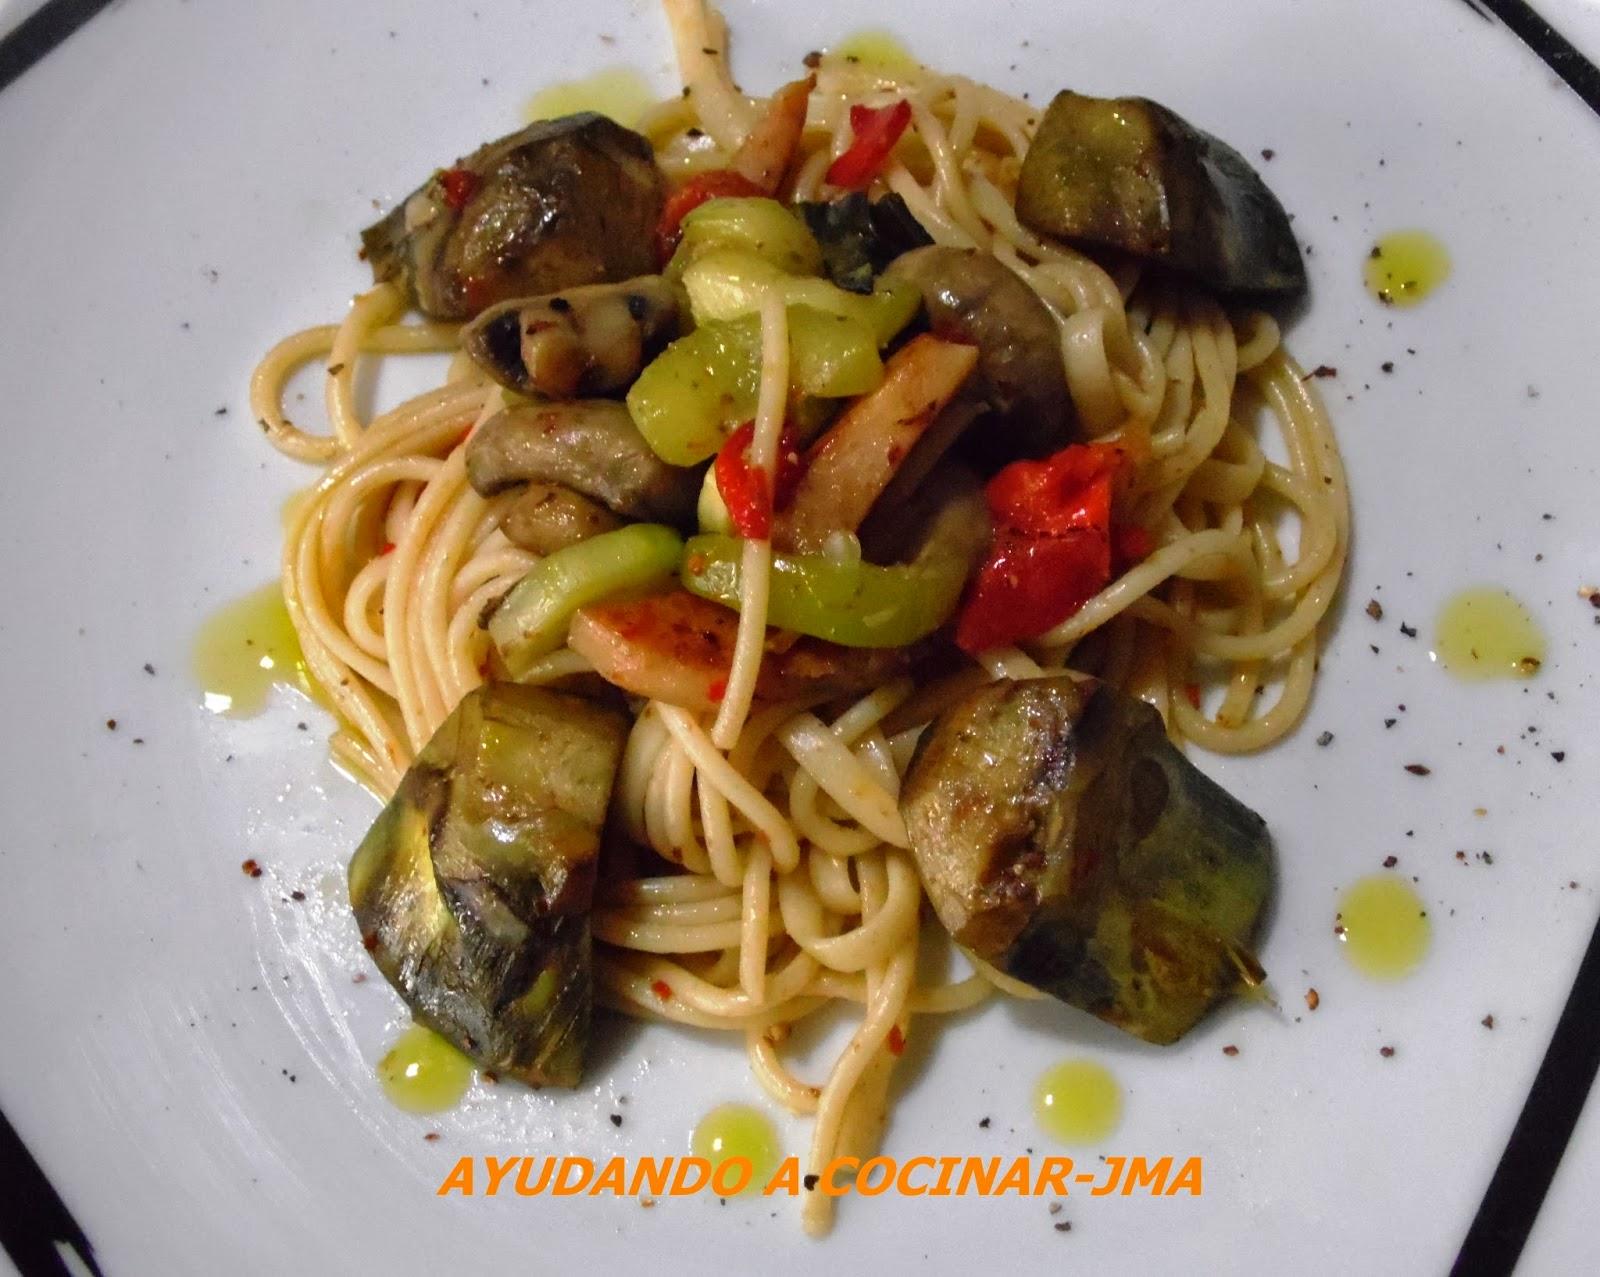 Cocinar Espaguetis | Ayudando A Cocinar Espaguetis Picantes Con Verduras